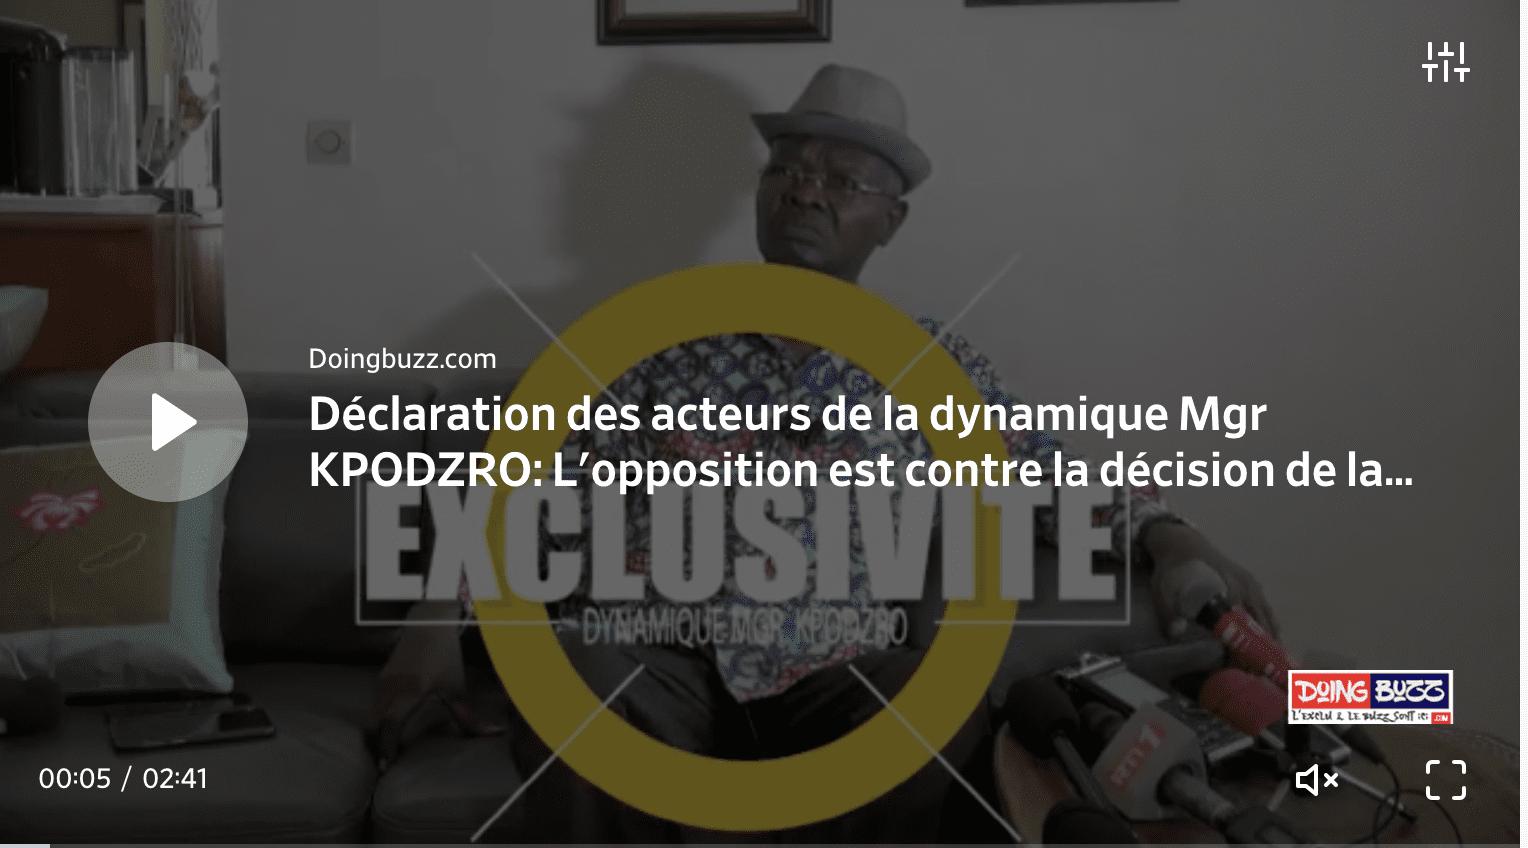 Déclaration des acteurs de la dynamique Mgr KPODZRO: L'opposition est contre la décision de la CENI